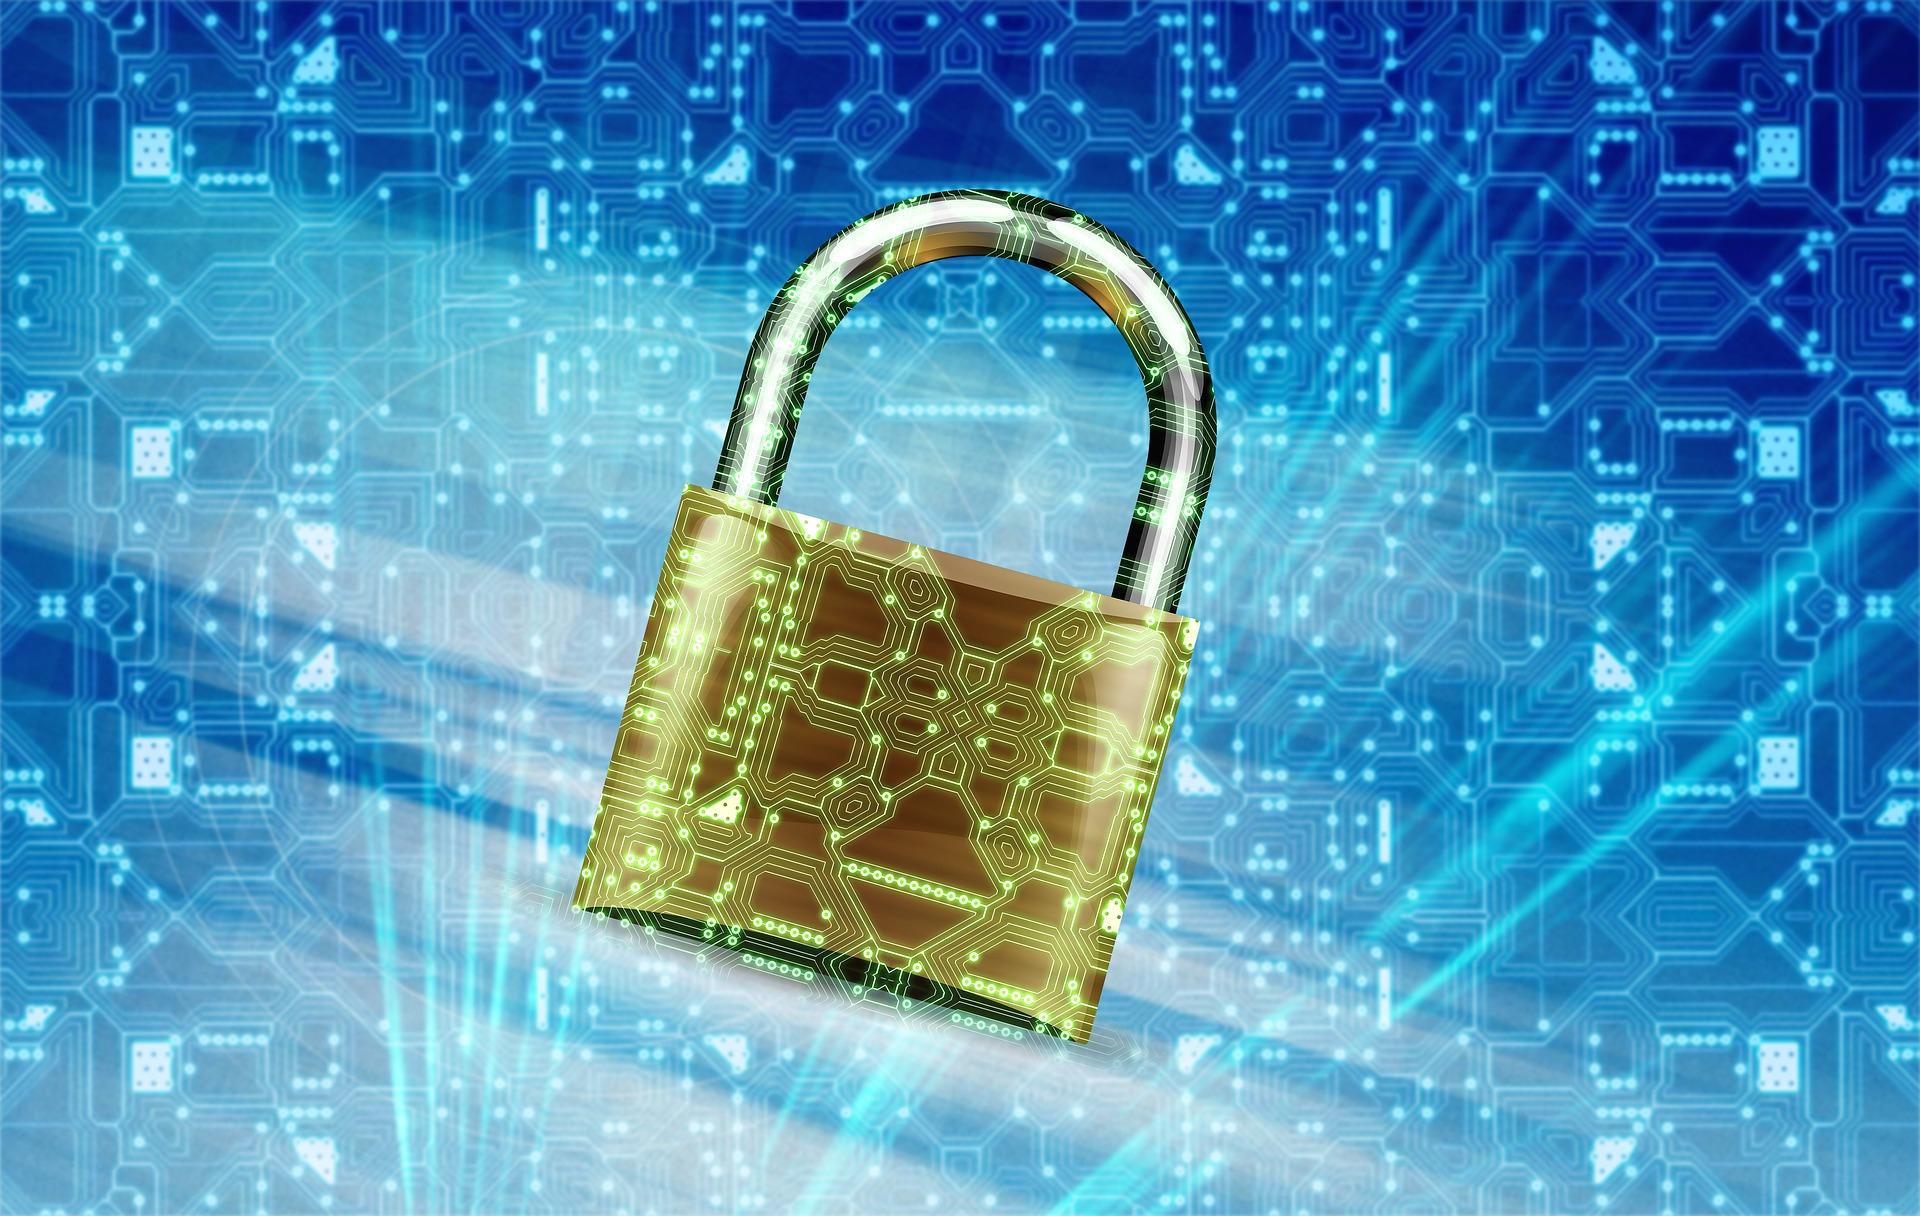 QuantBitex security